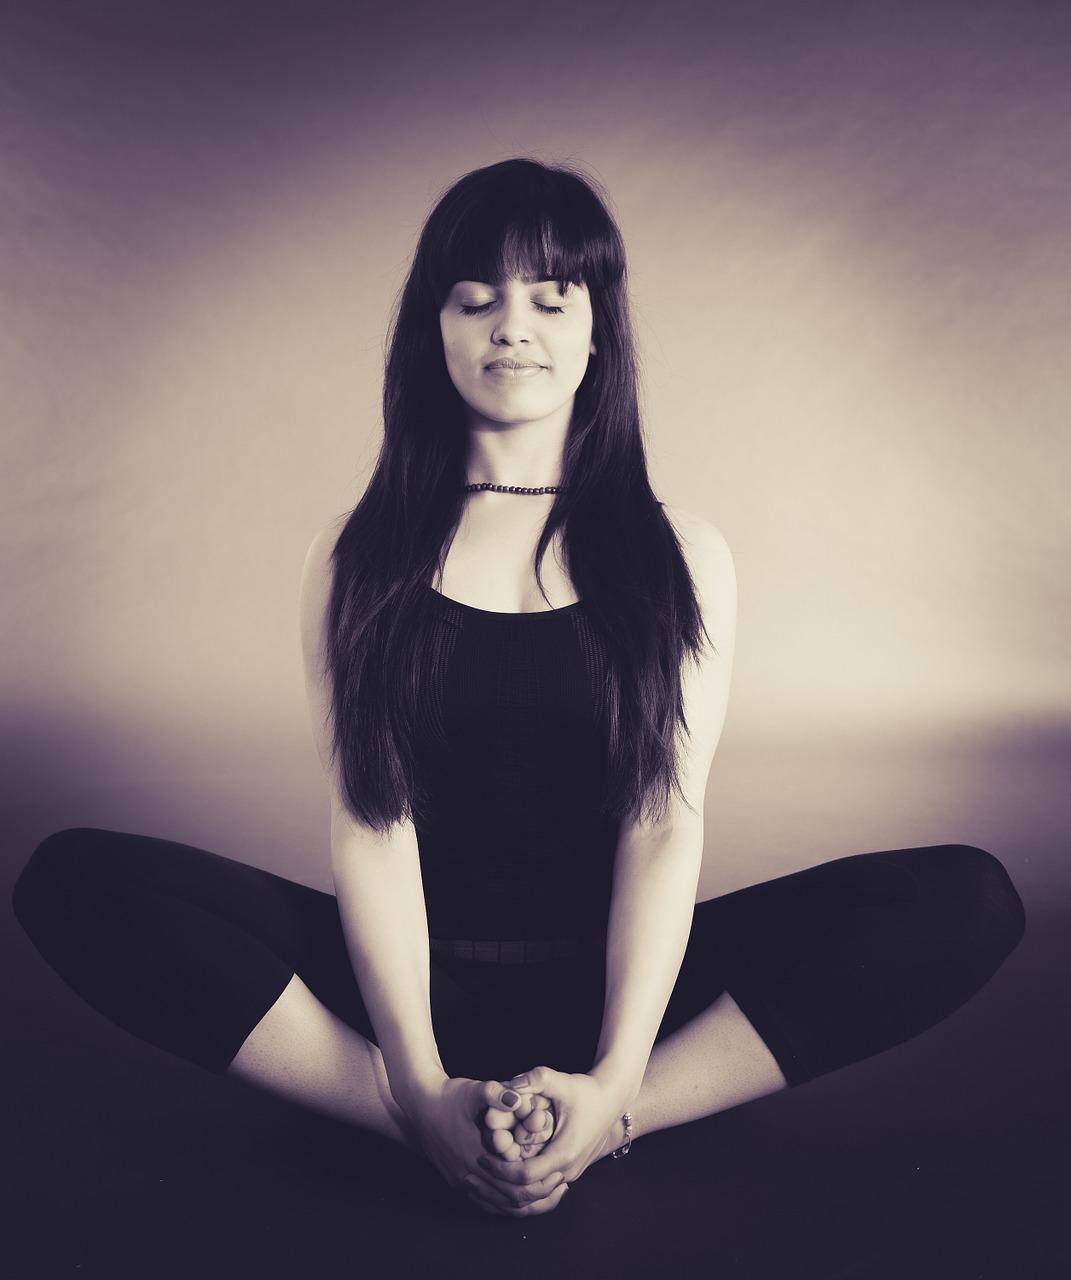 Des conseils pour apprendre à méditer